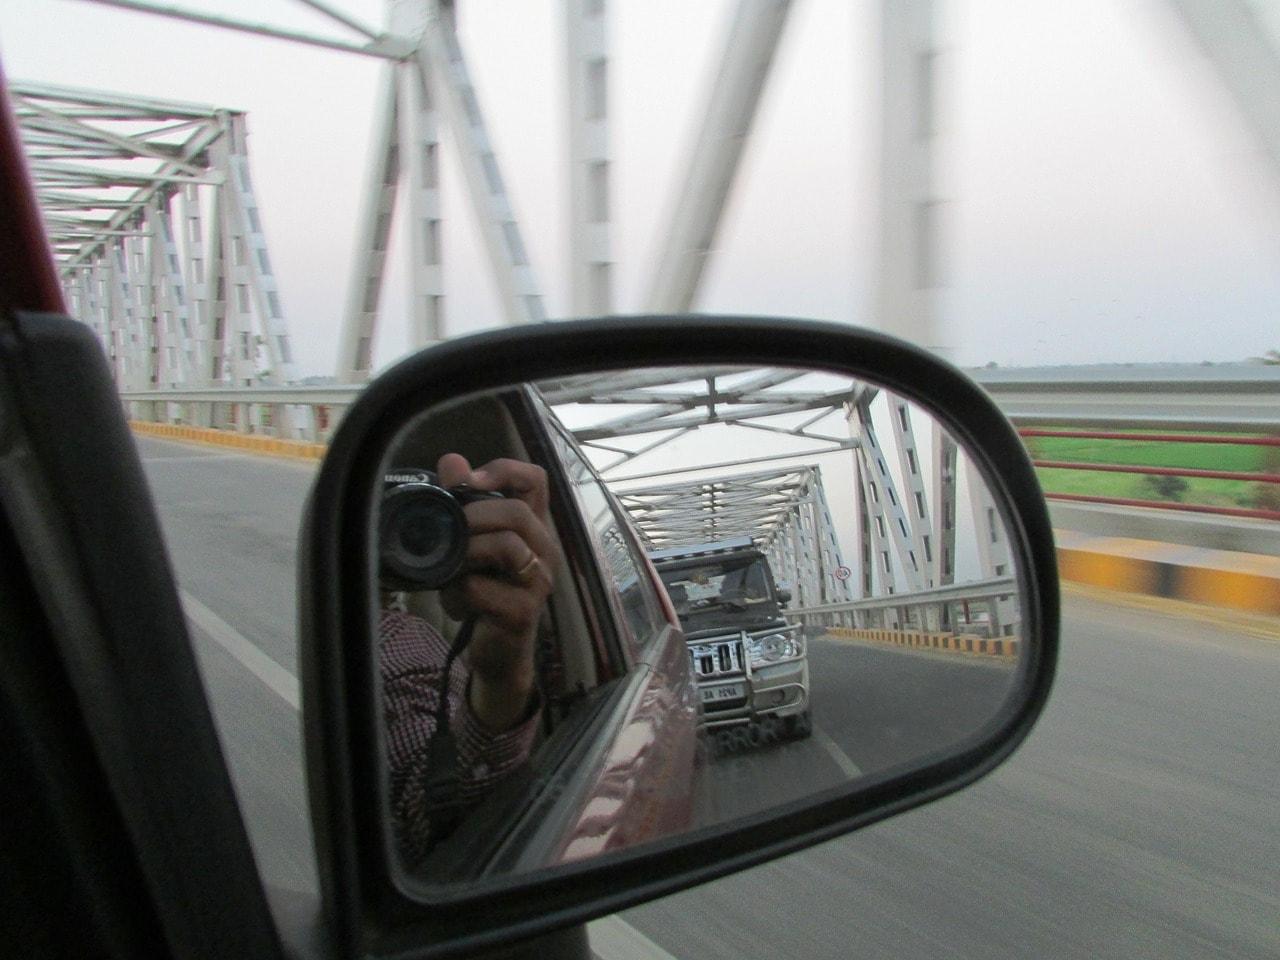 Über den Rückspiegel fotografiert.